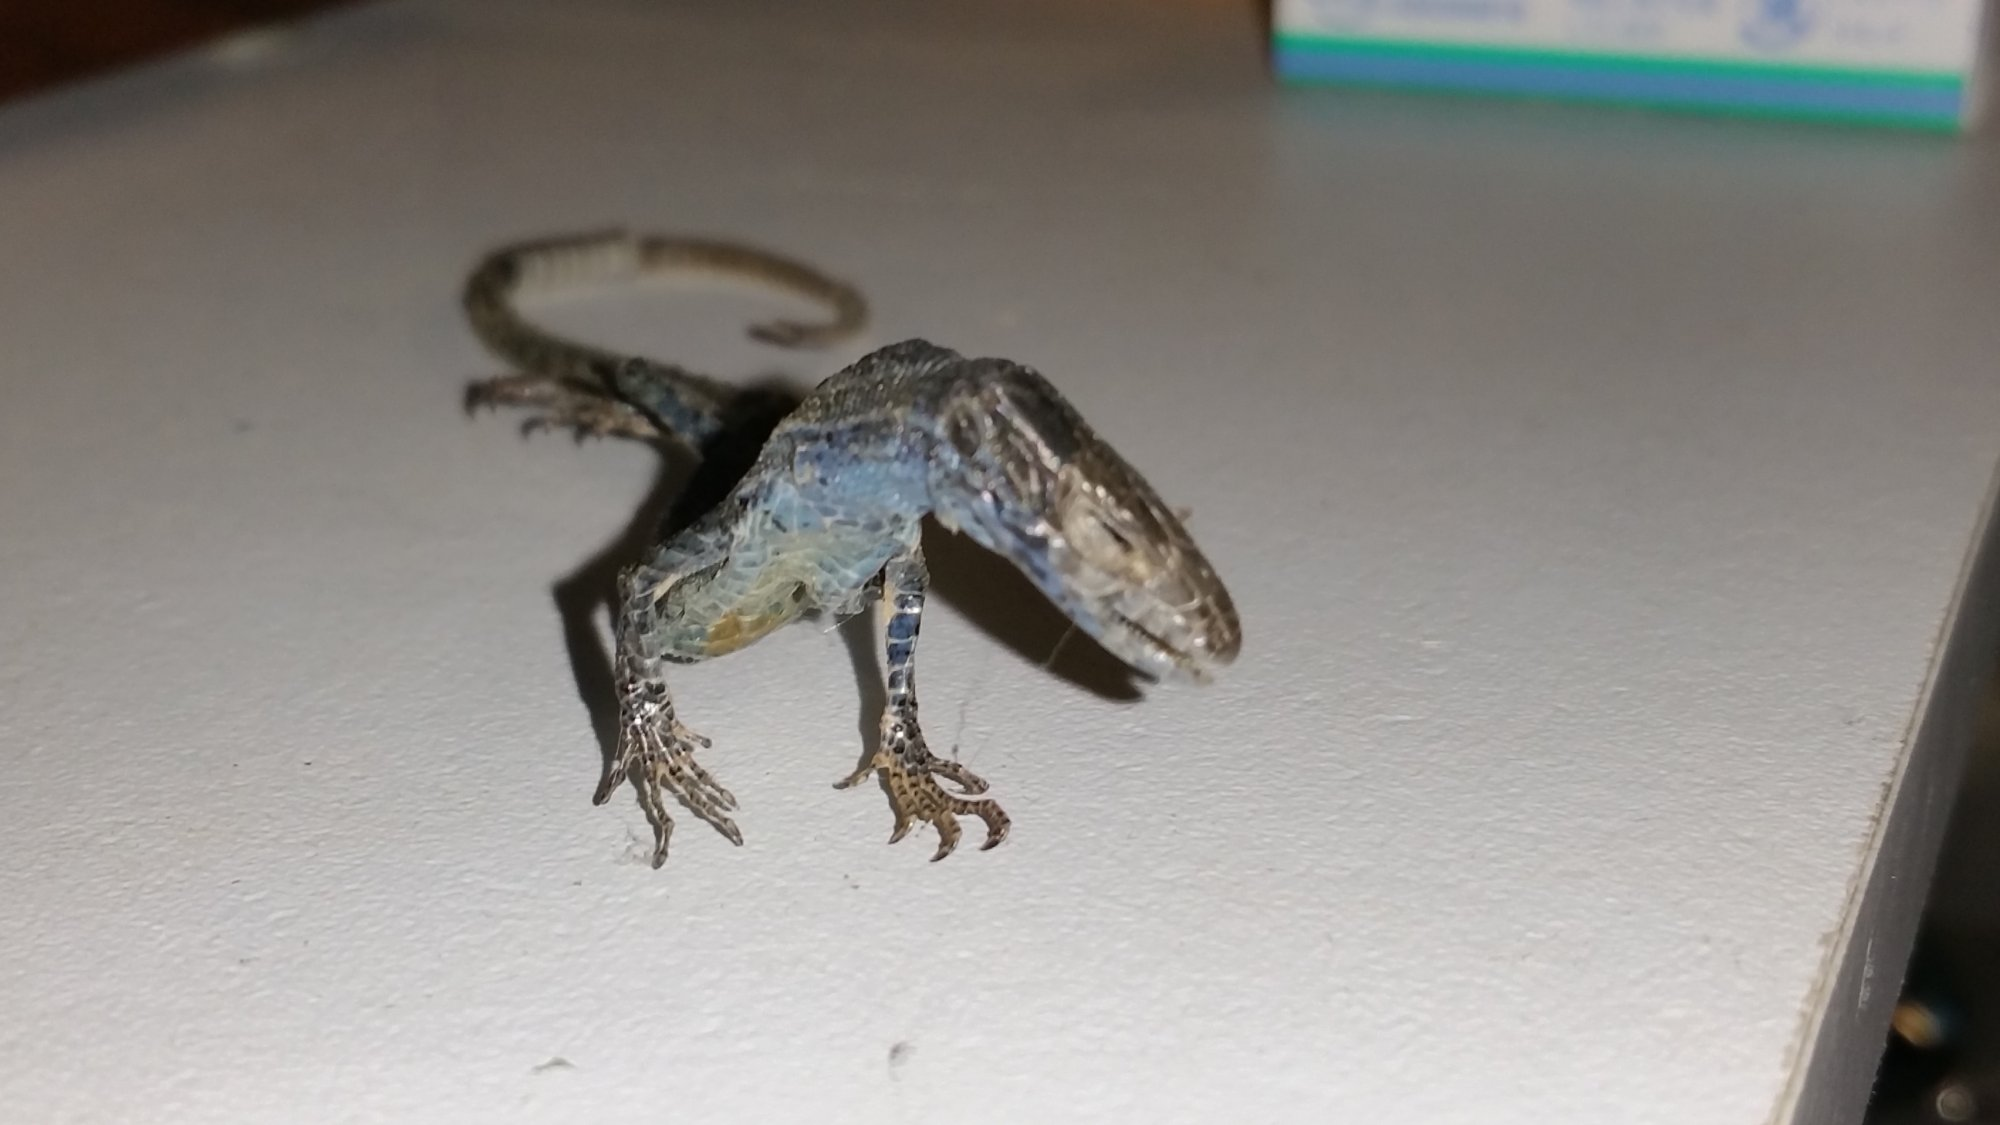 Dried Lizard Dismantle It